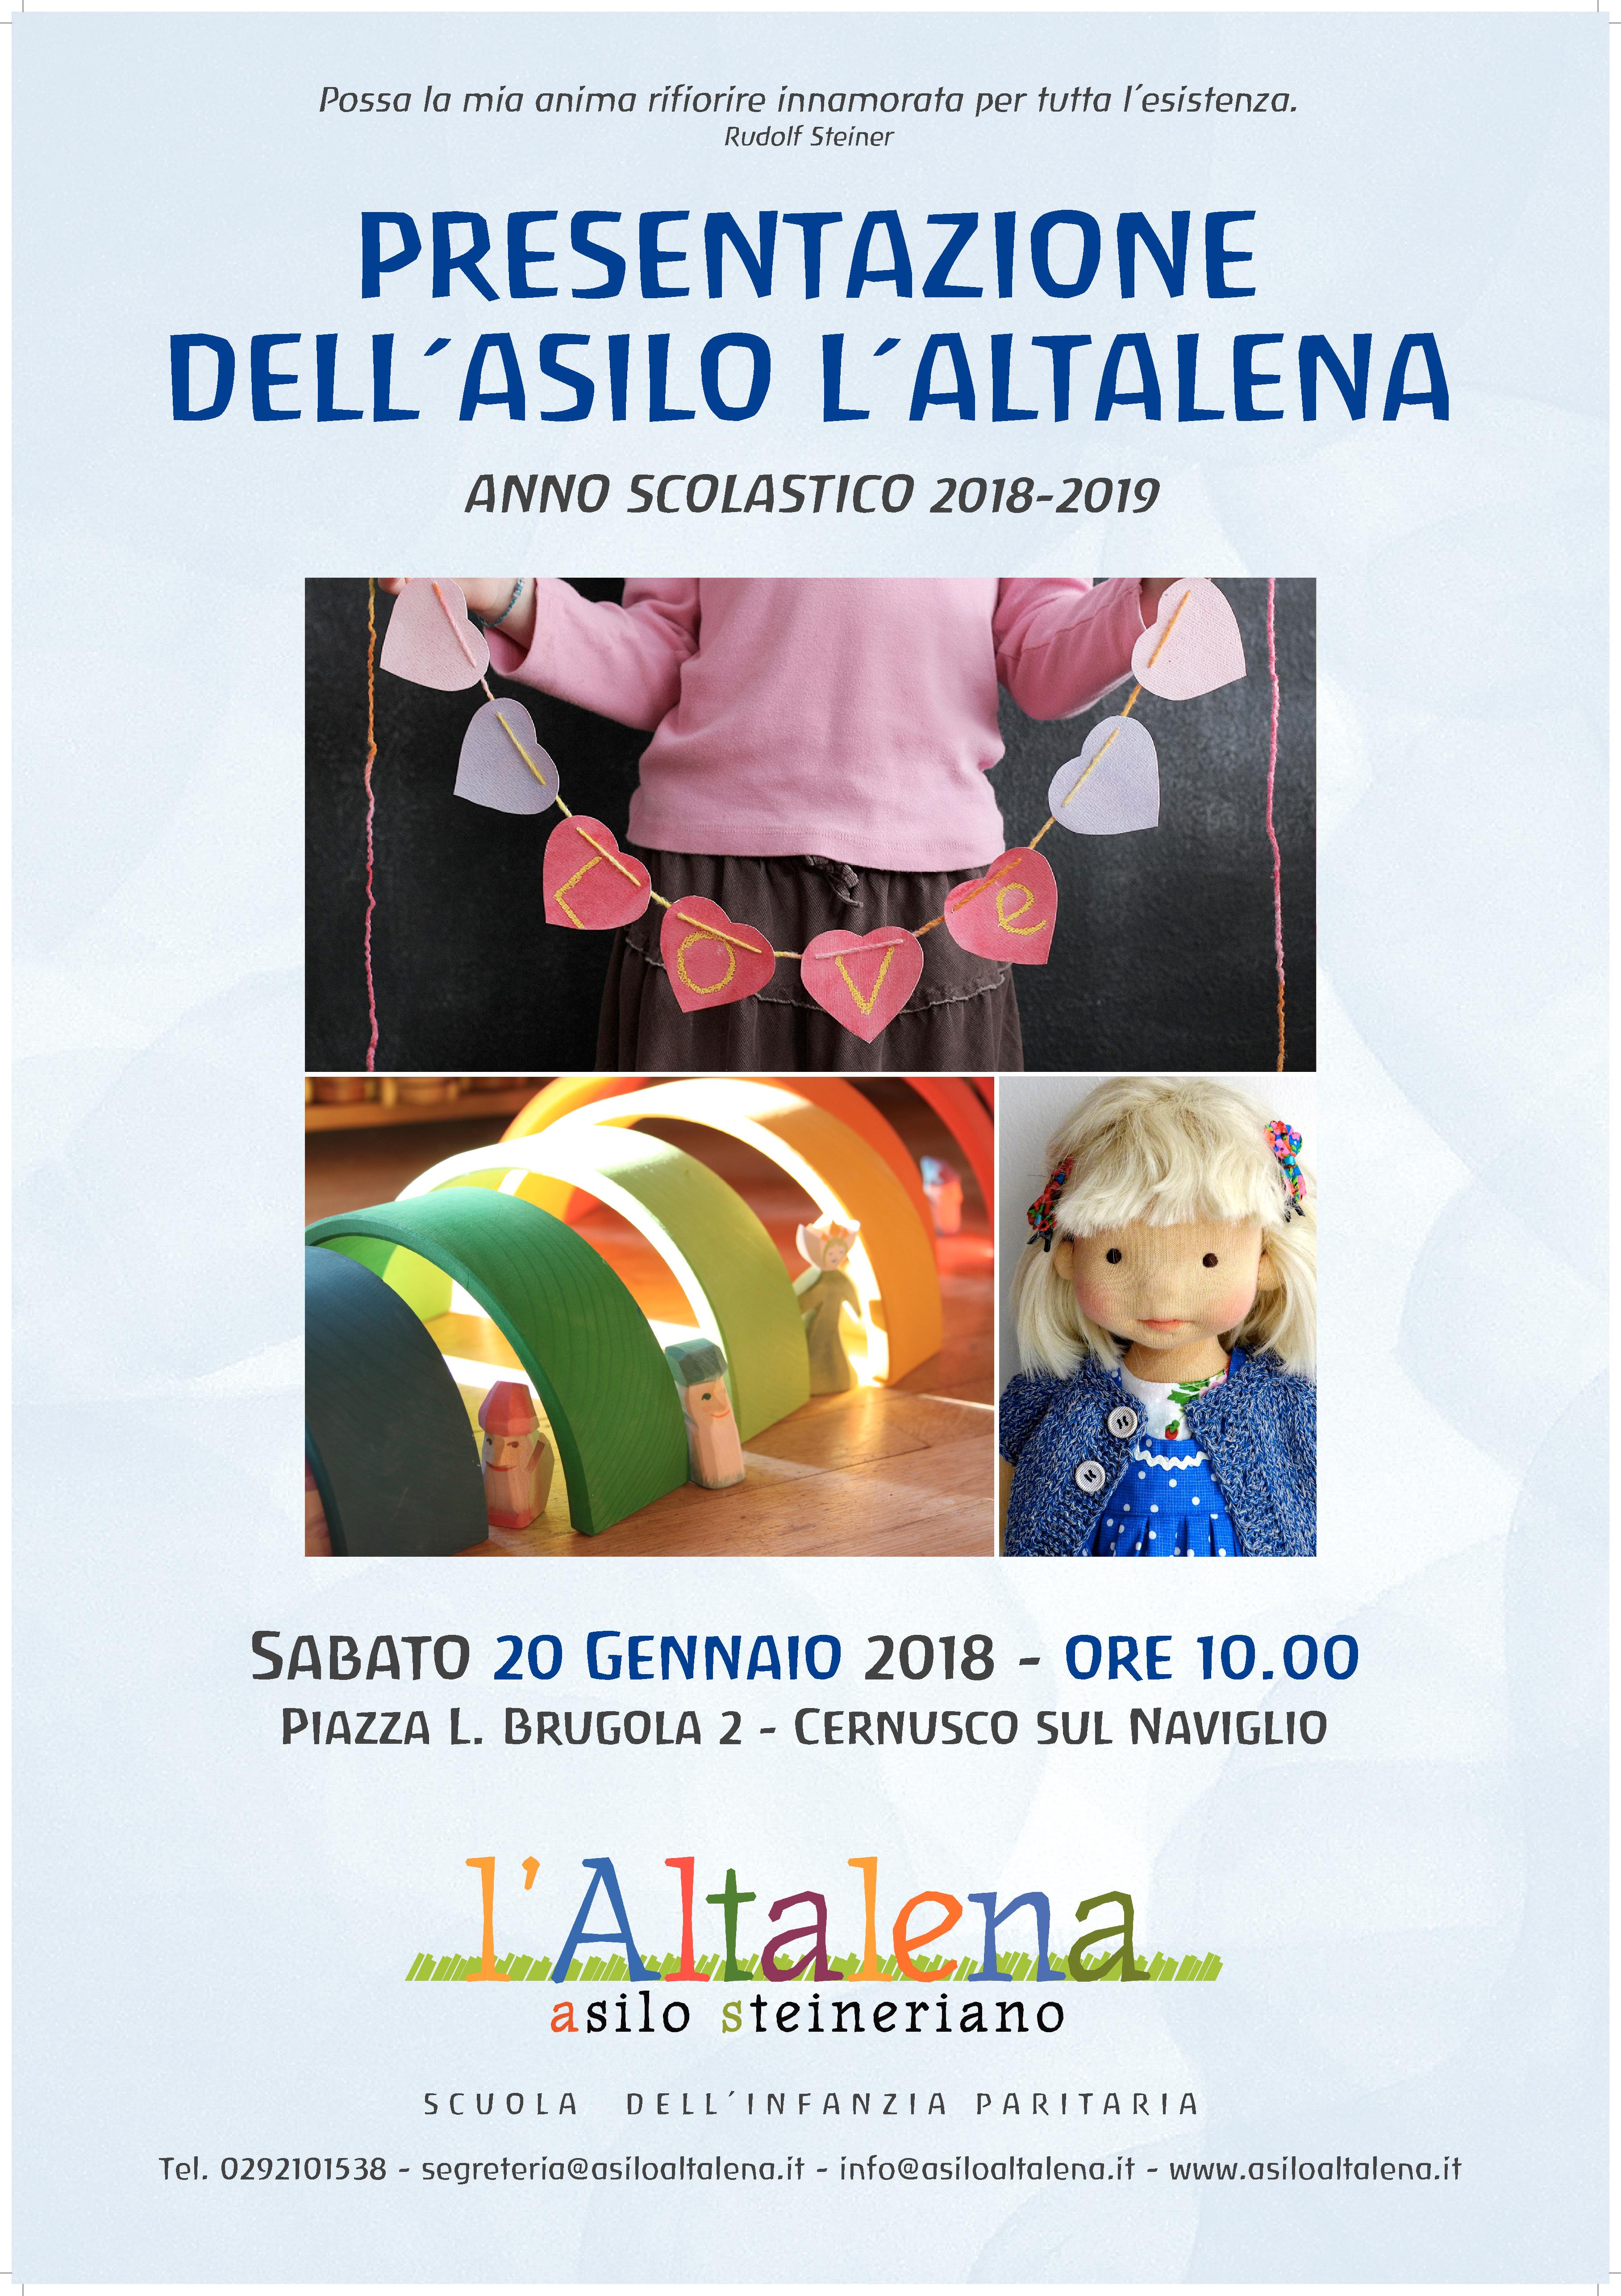 Presentazione l'Altalena a.s. 2018/19 sabato 20 gennaio ore 10.00